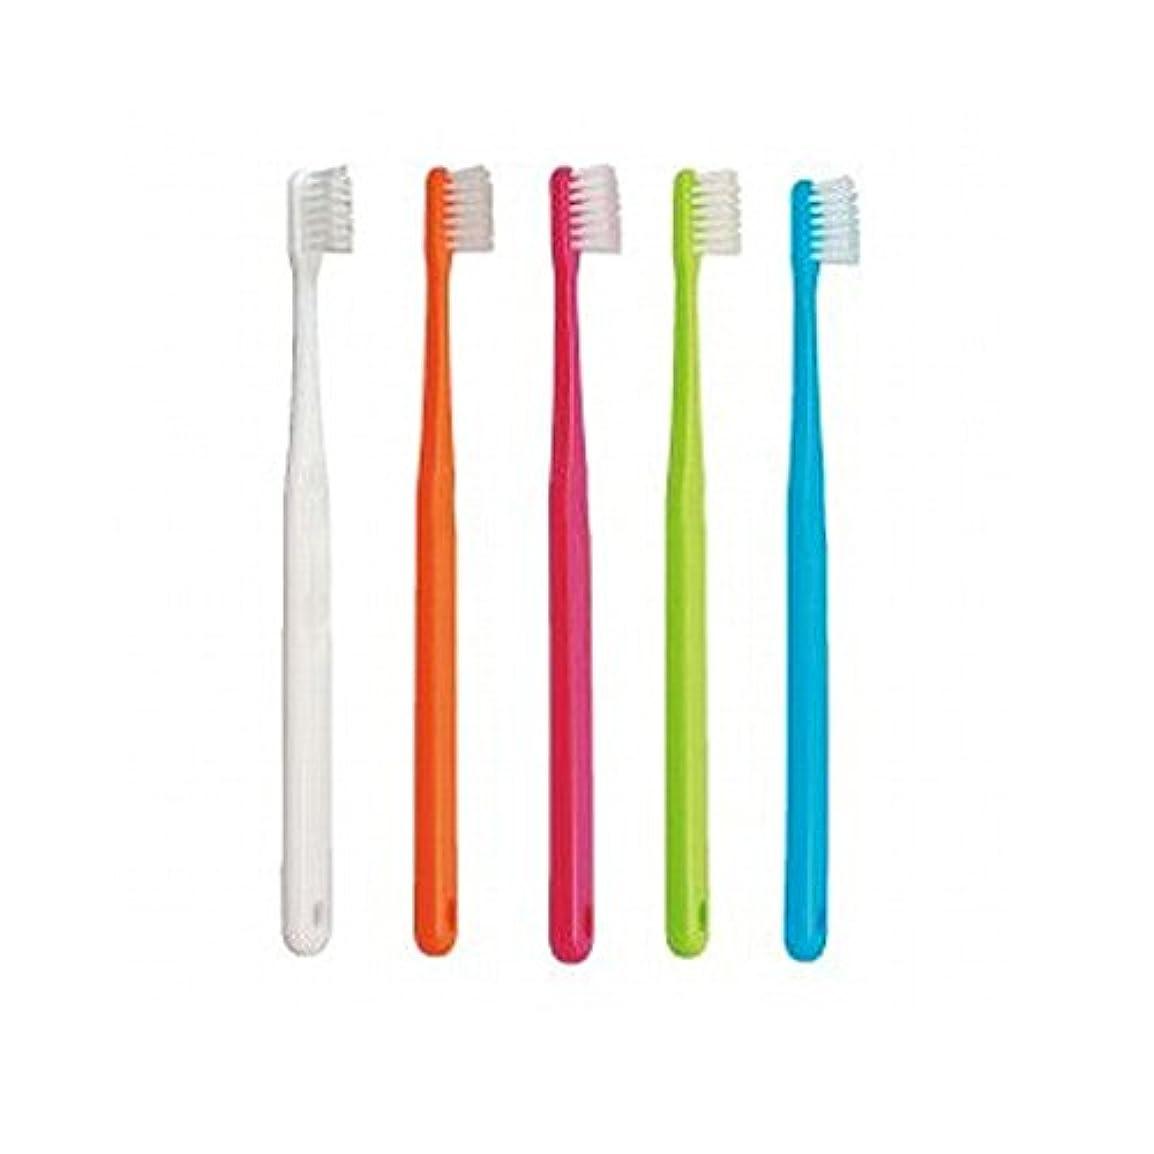 振動させる無駄北【Ci/シーアイ】【歯科用】Ci701 25本【歯ブラシ】【ややかため】【極薄ヘッド】ハンドルカラー5色選択不可